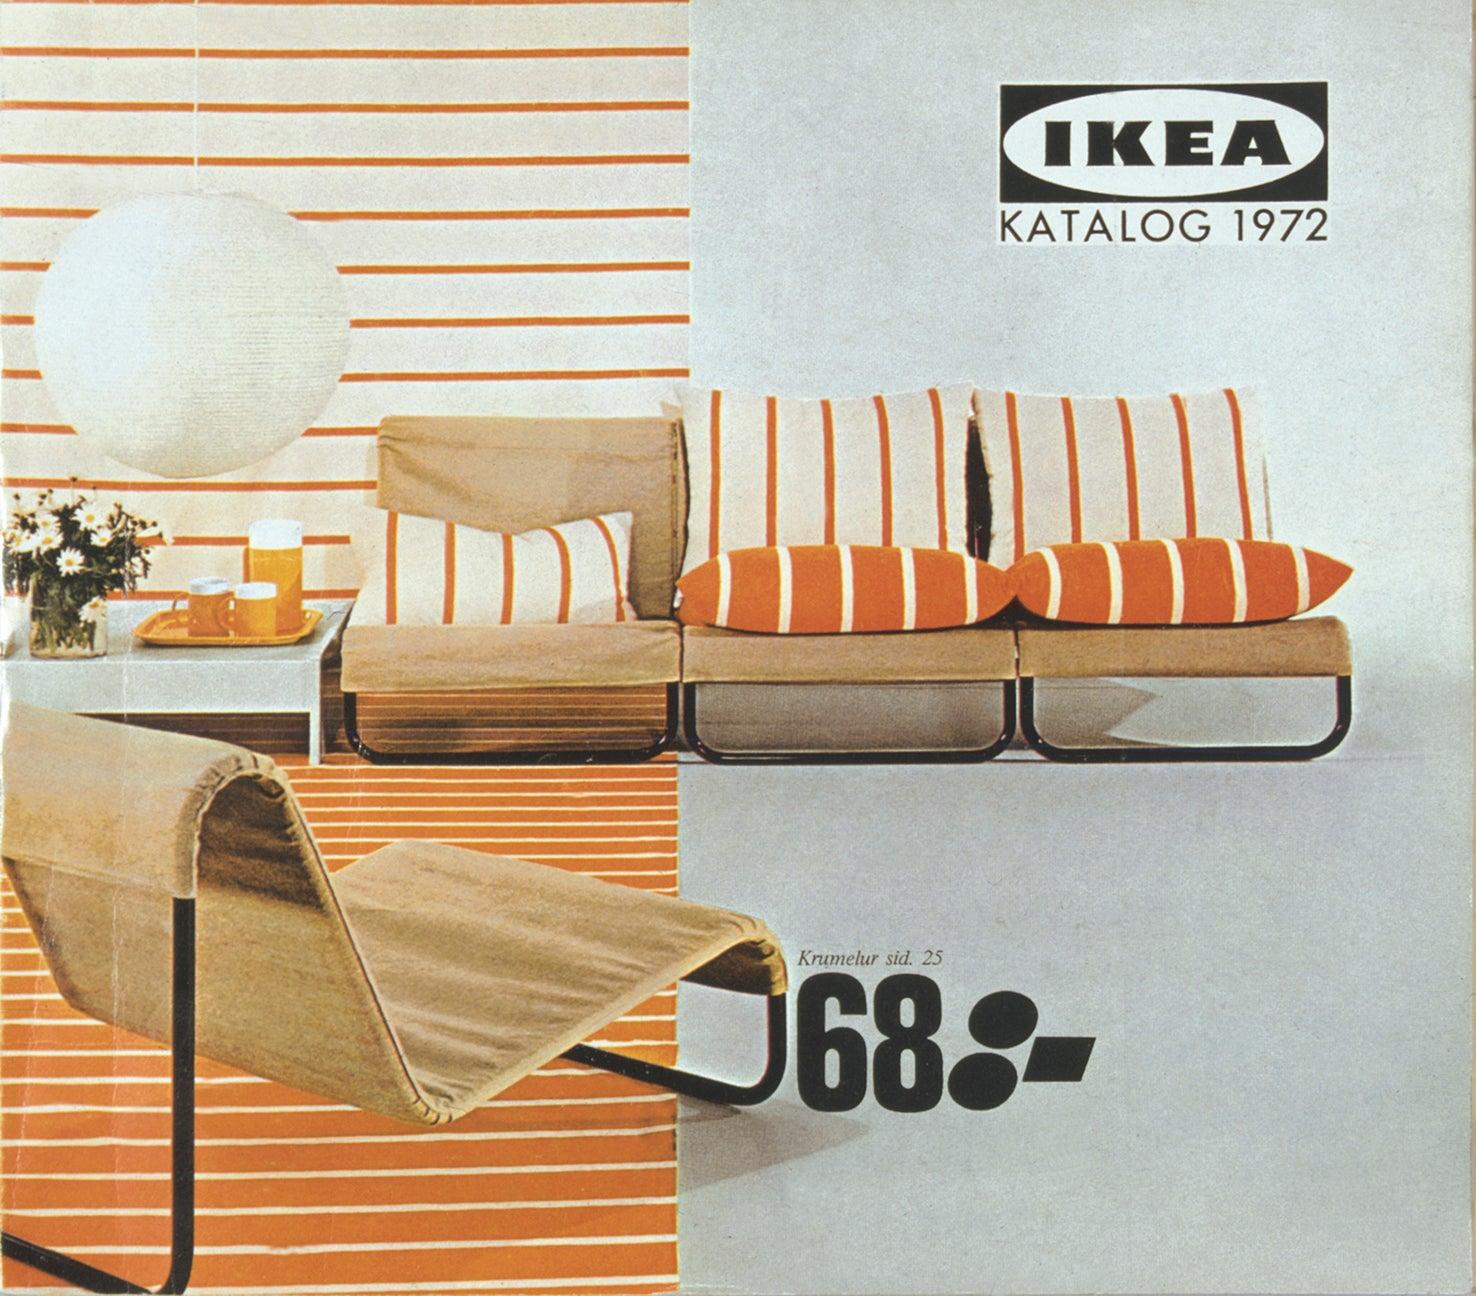 old ikea catalogue featuring orange stripes